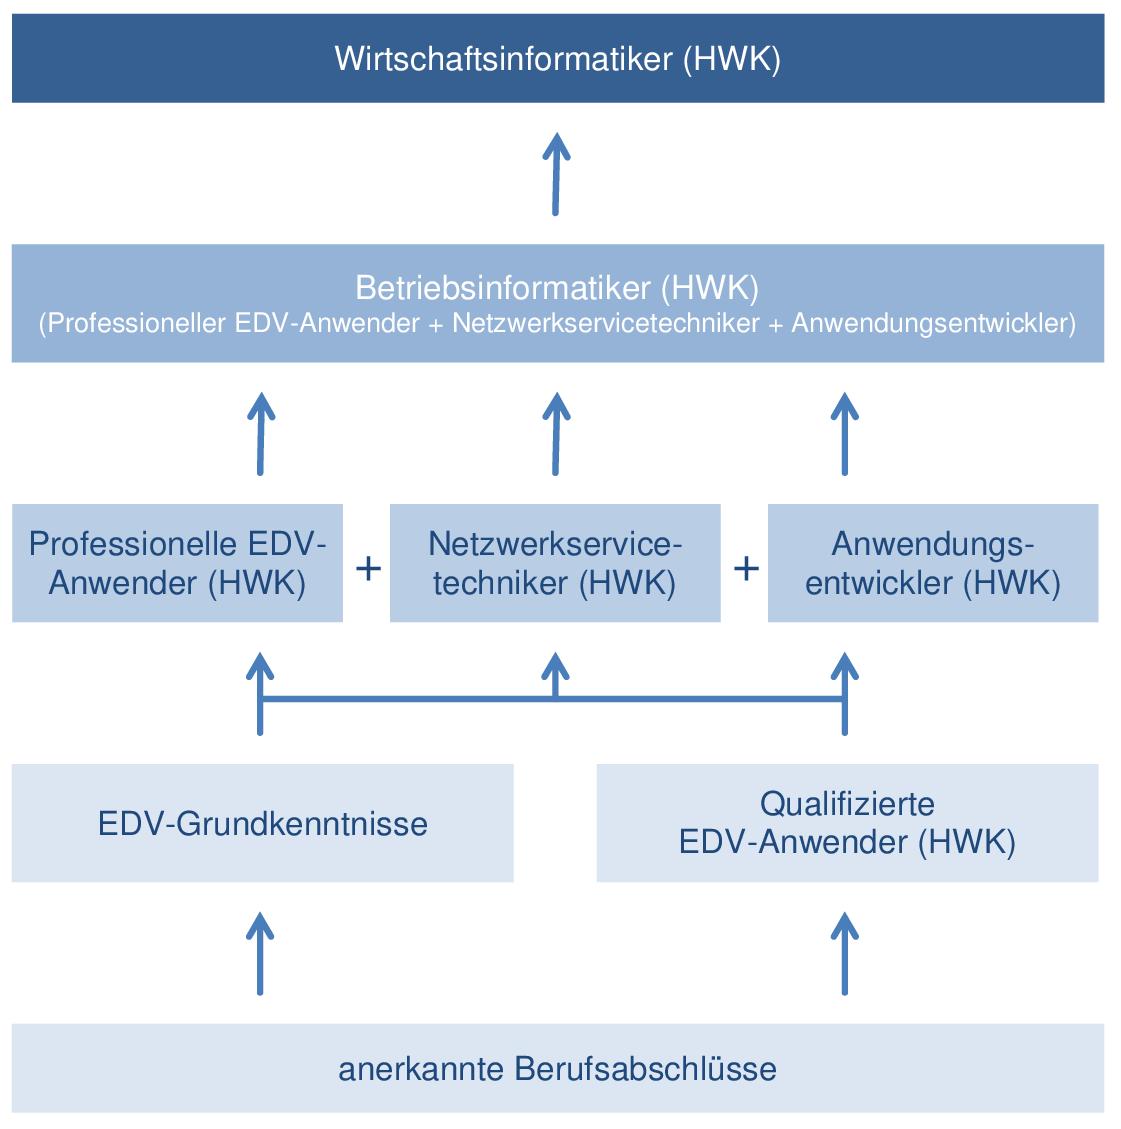 System der Informations- und Telekommunikations-Weiterbildung mit Prüfung durch eine Handwerkskammer (HWK)